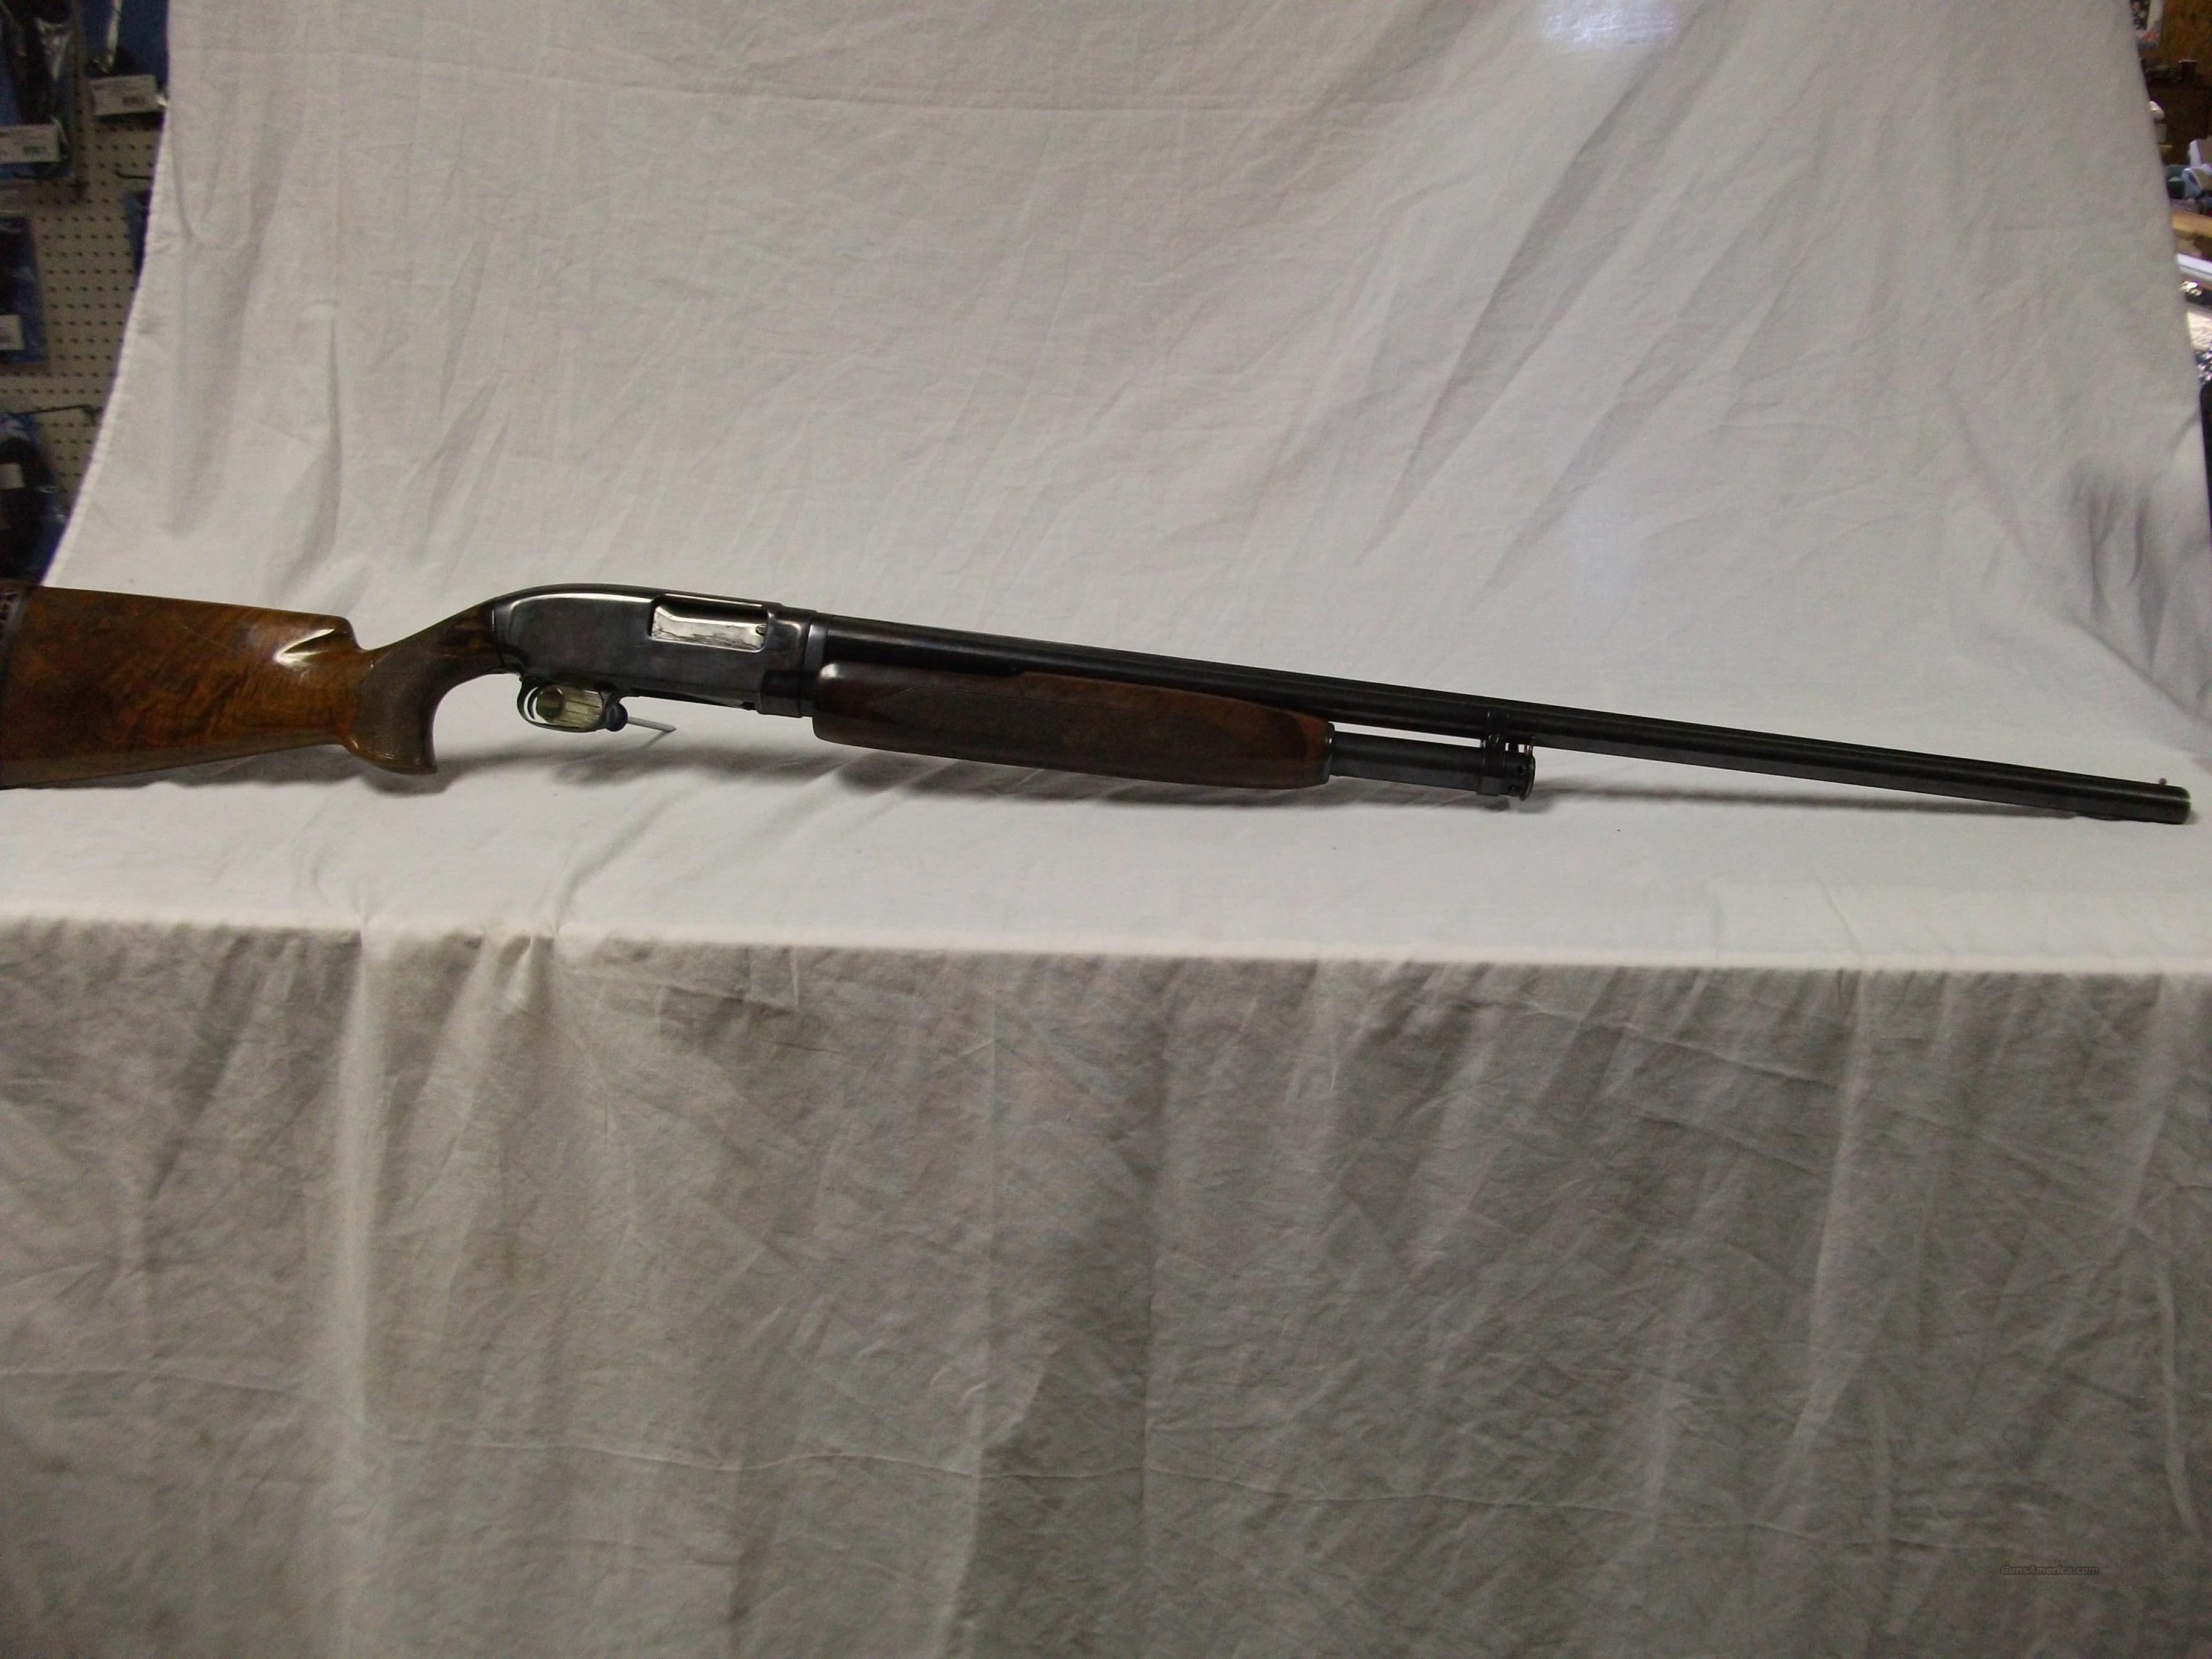 Winchester 1912 Trap 12 gauge  Guns > Shotguns > Winchester Shotguns - Modern > Pump Action > Trap/Skeet